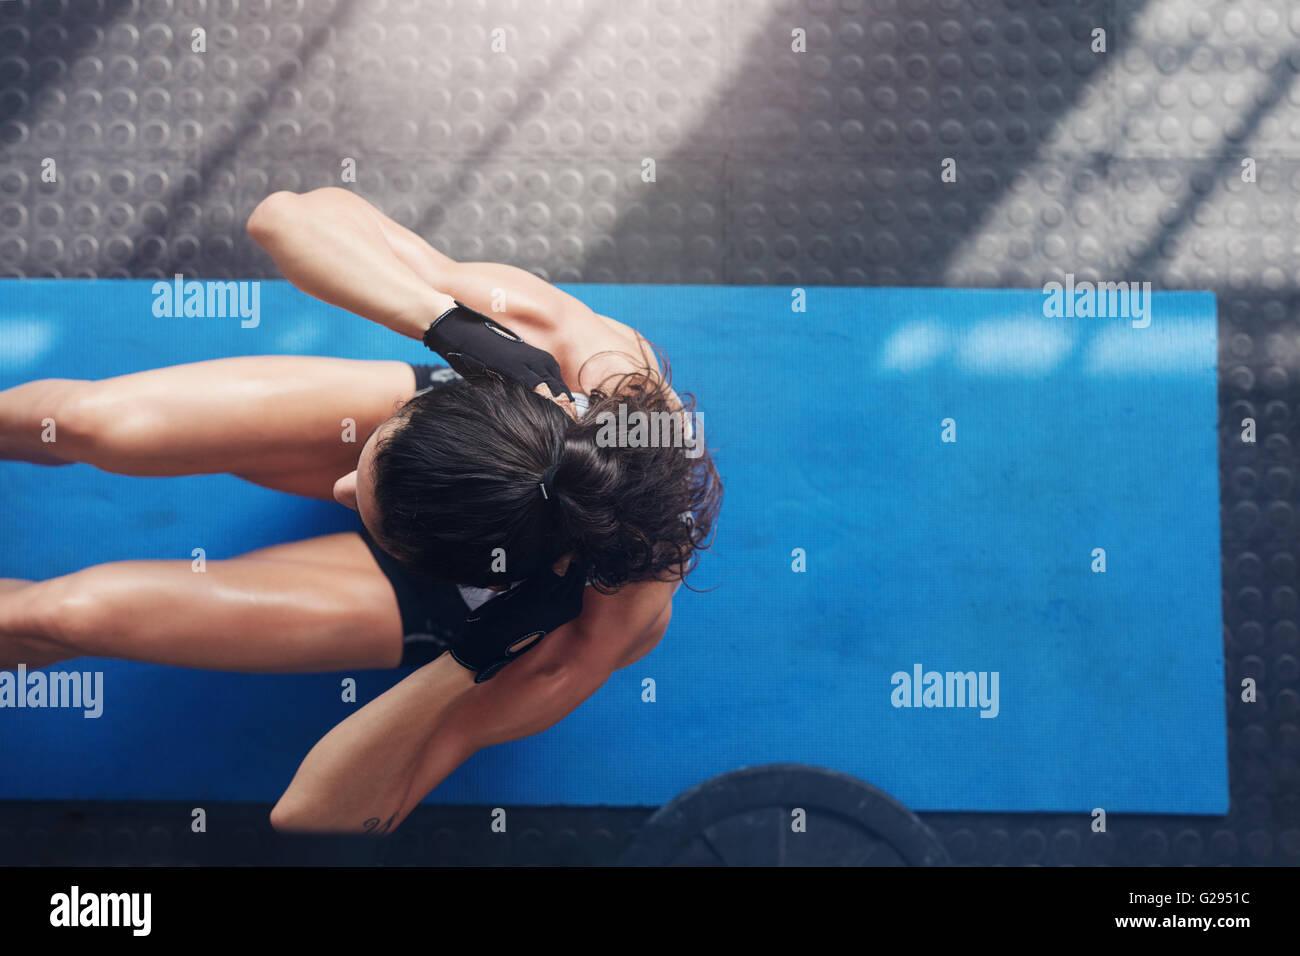 Draufsicht des weiblichen im Fitnessstudio trainieren. Muskulöse junge Frau tun Sit Ups auf eine Gymnastikmatte. Stockbild